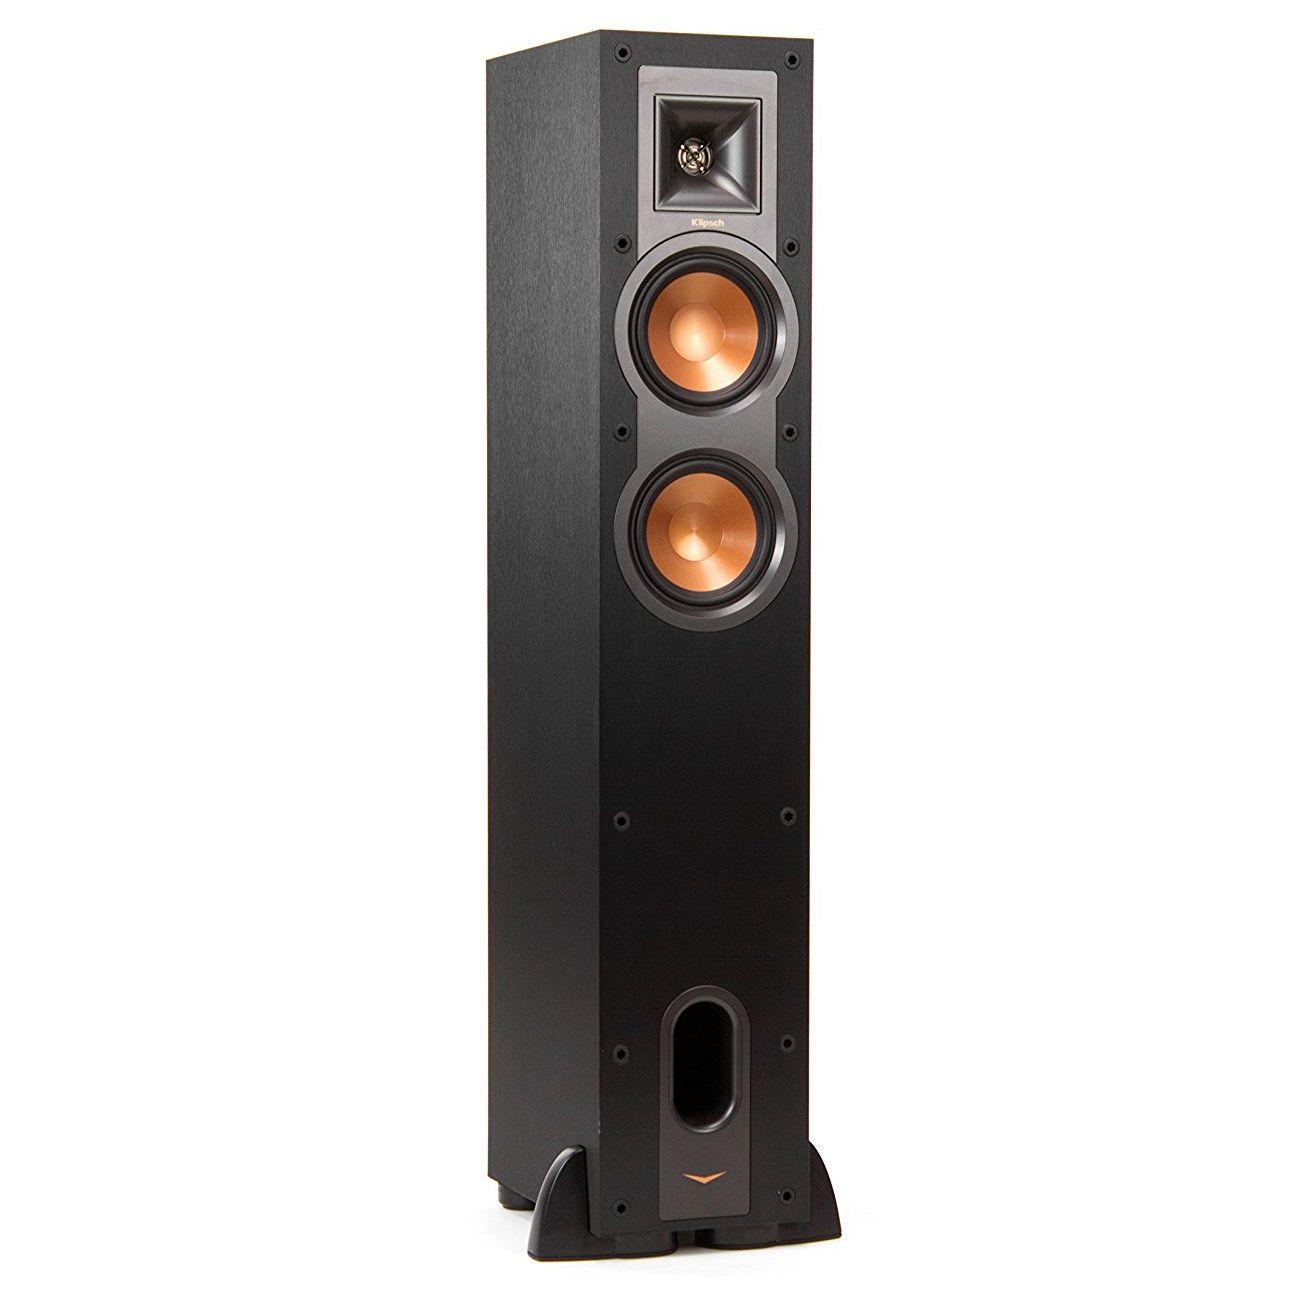 9 Best Floor Standing Speakers in 2018 - Tower Speakers for Every ...